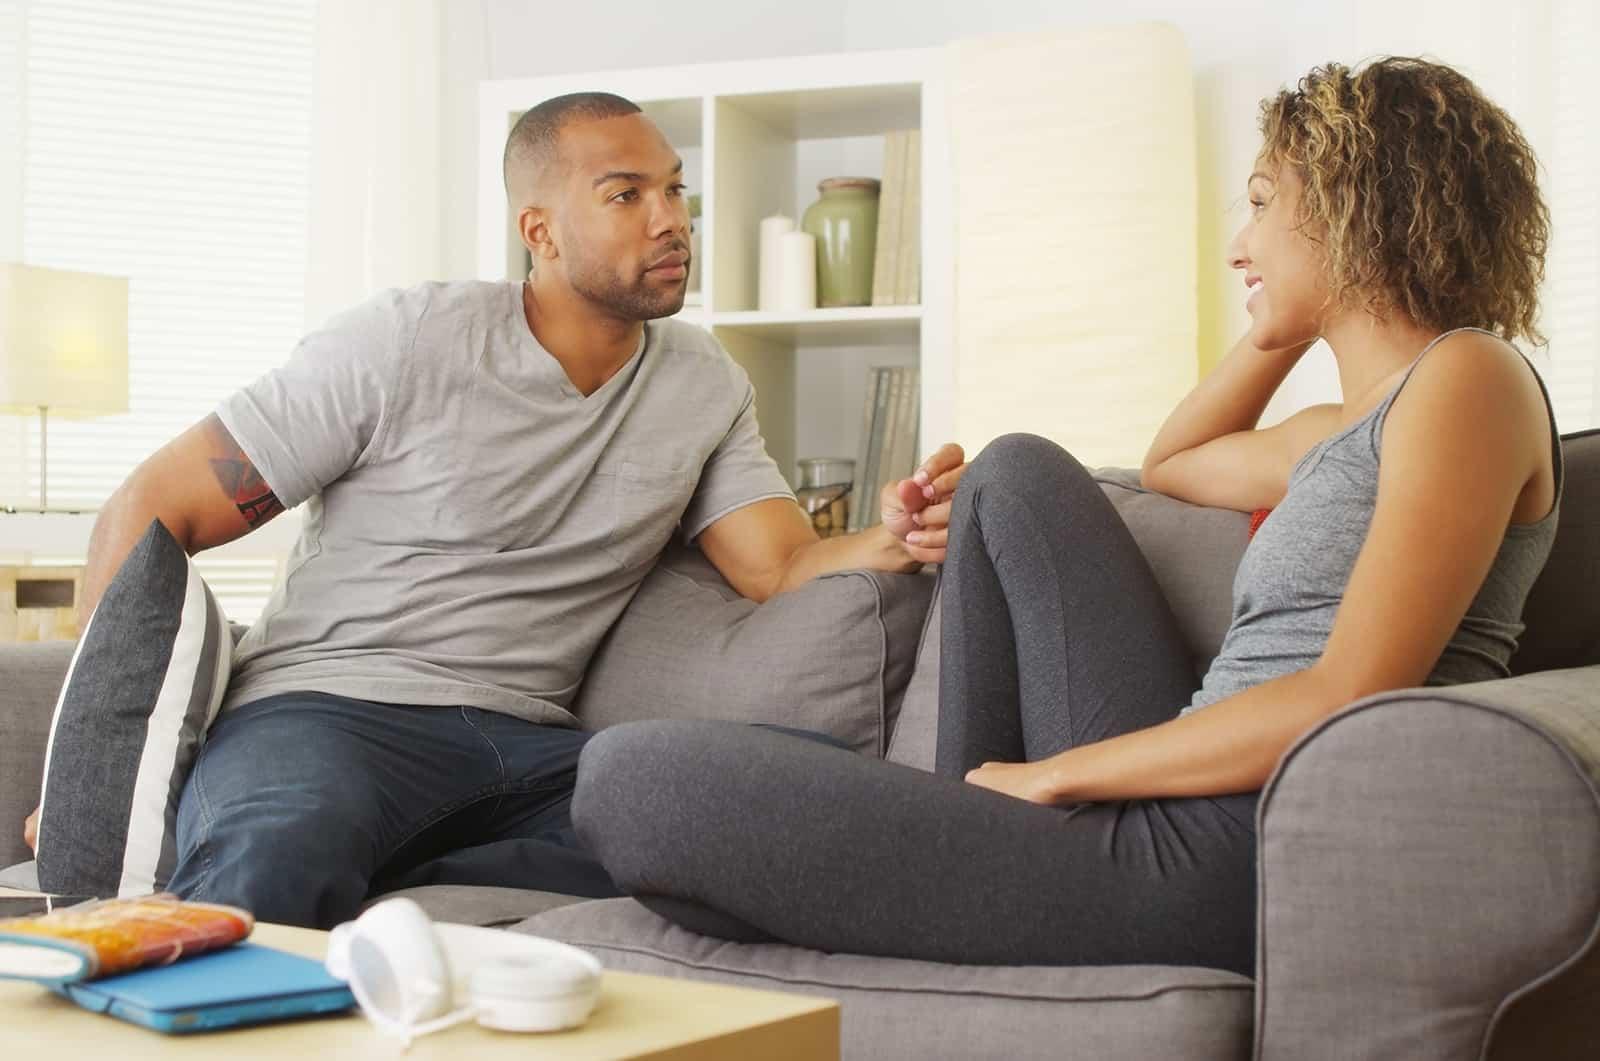 un couple ayant une conversation dans leur salon assis sur le canapé